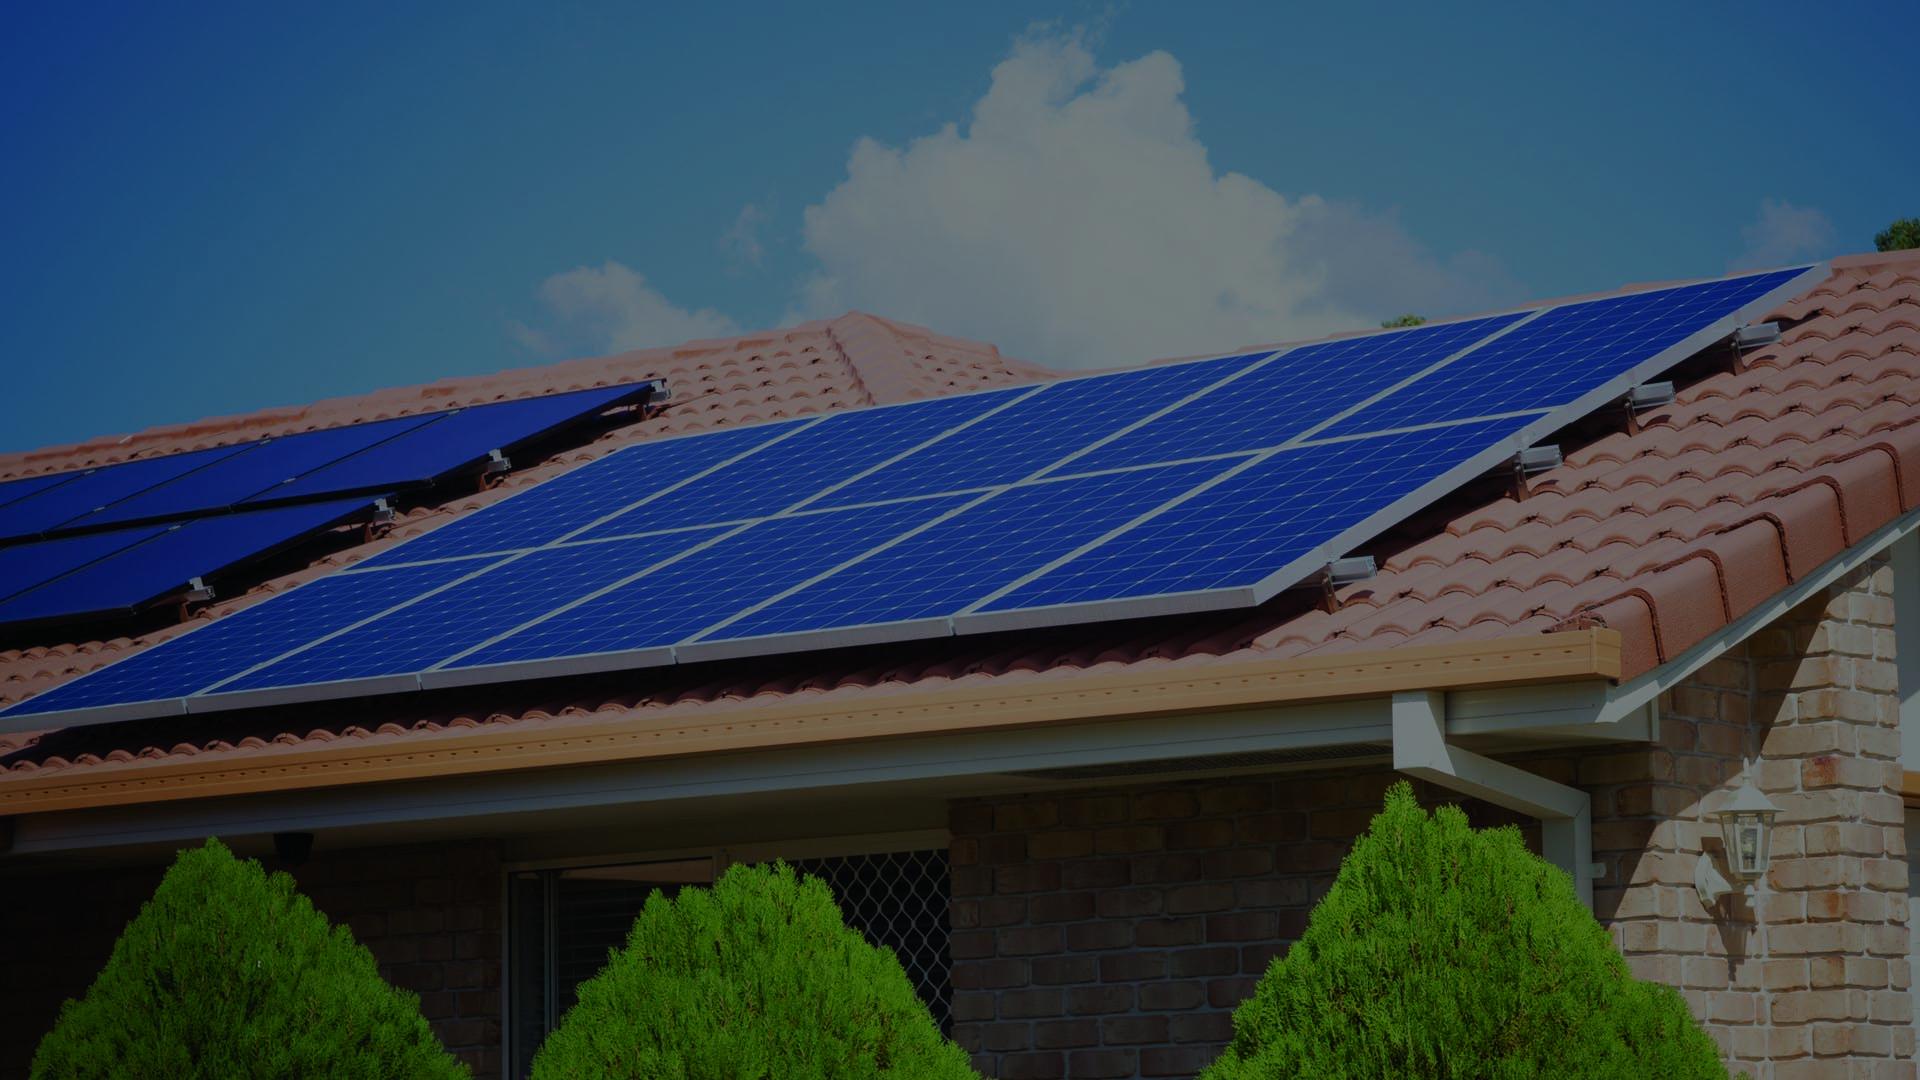 Sončni paneli na strehi za energetsko samooskrbo.